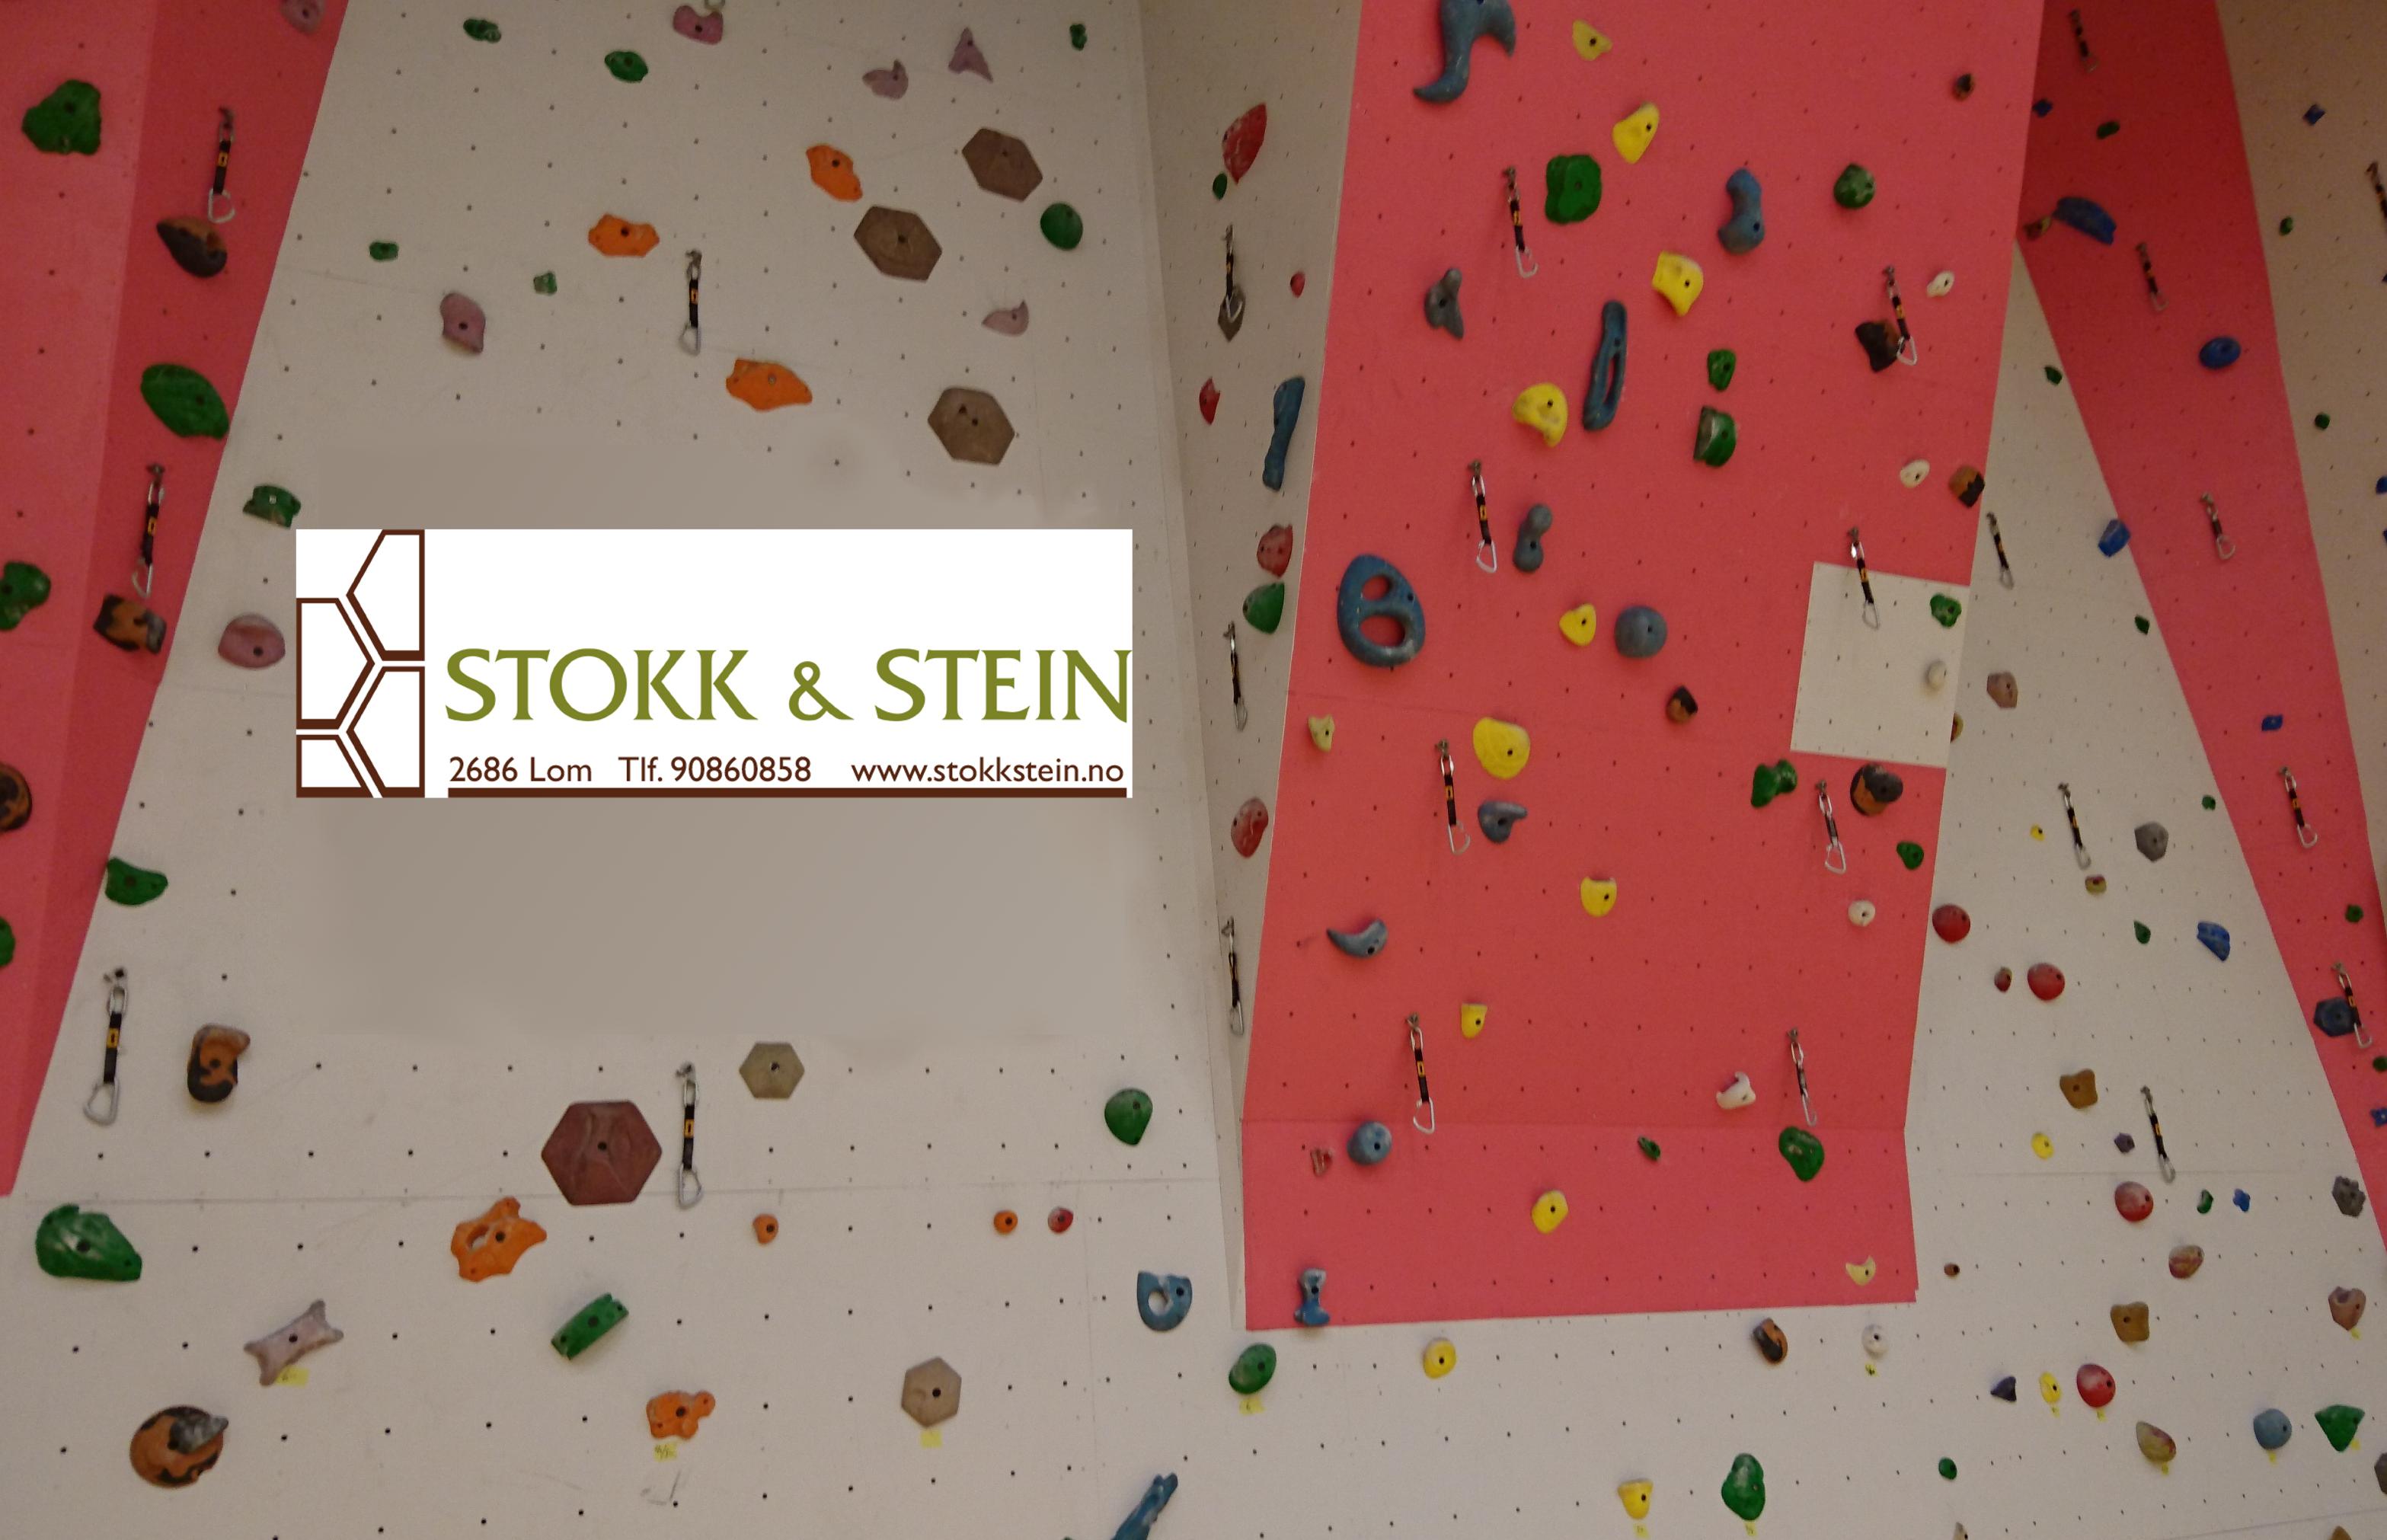 stokk_&_stein